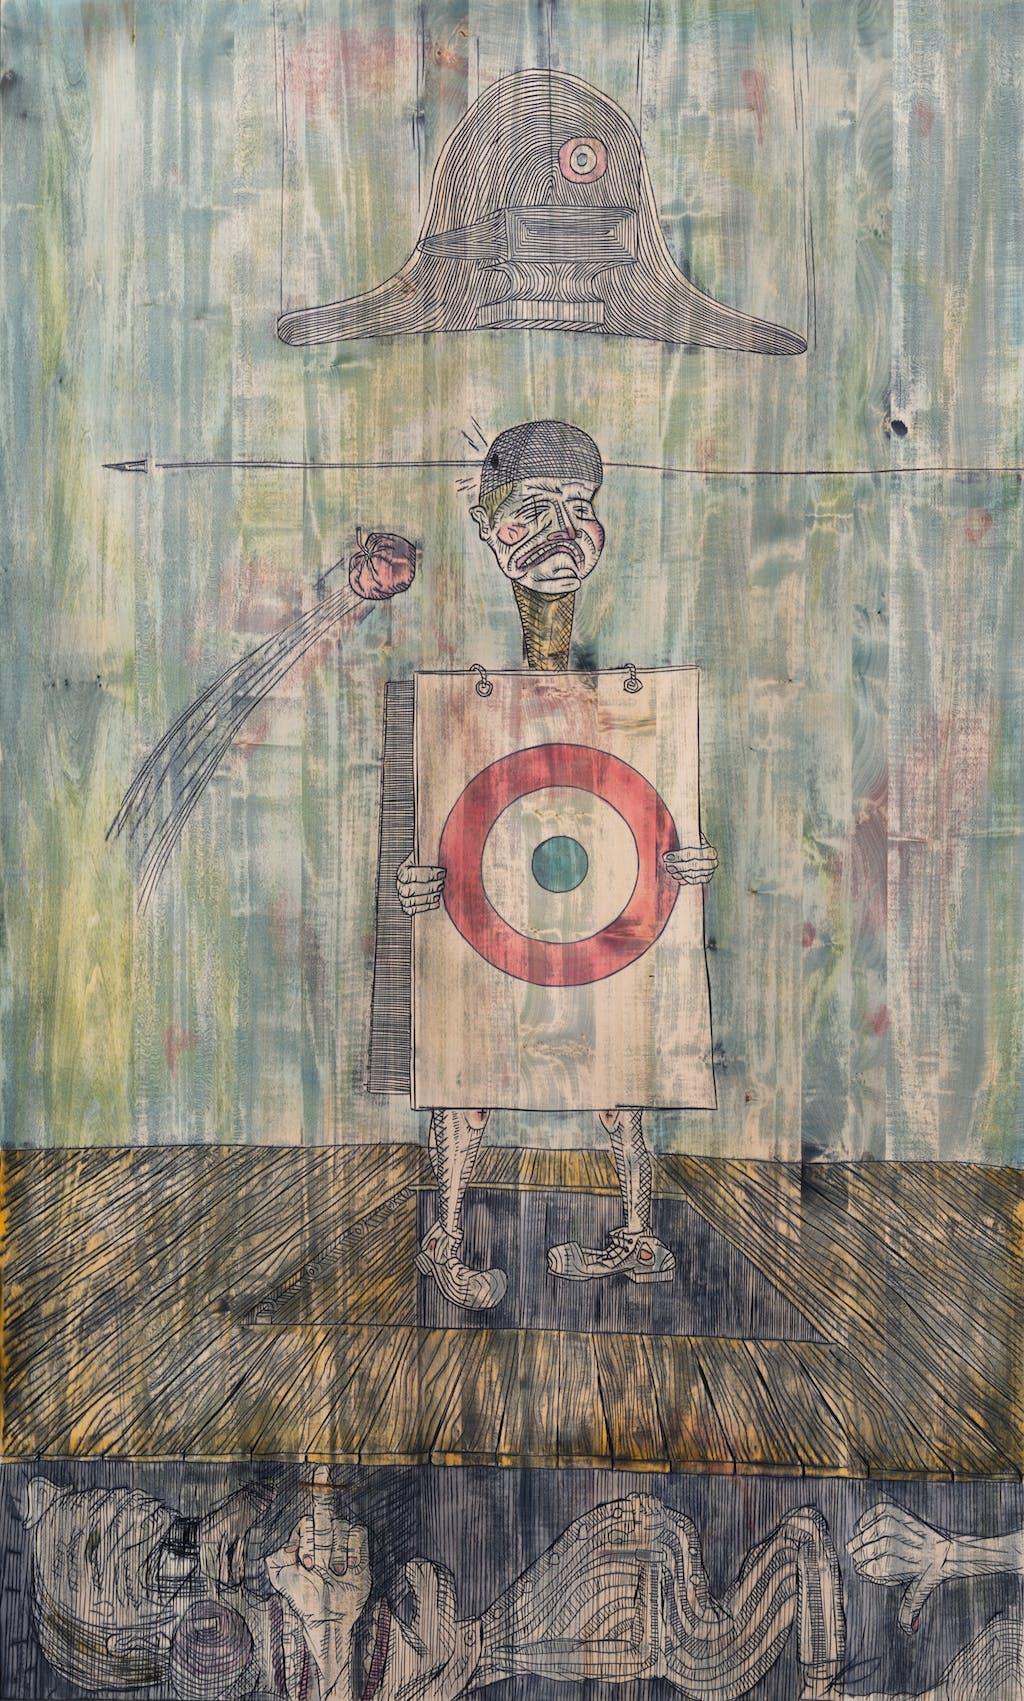 Mathis Collins *Artiste policier cible de toutes les critiques, Artiste policier hué, Artiste policier mort de rire*, 2020 Lime wood, tint 200 x 360 x 3 cm - © © Benoît Mauras, Paris Internationale